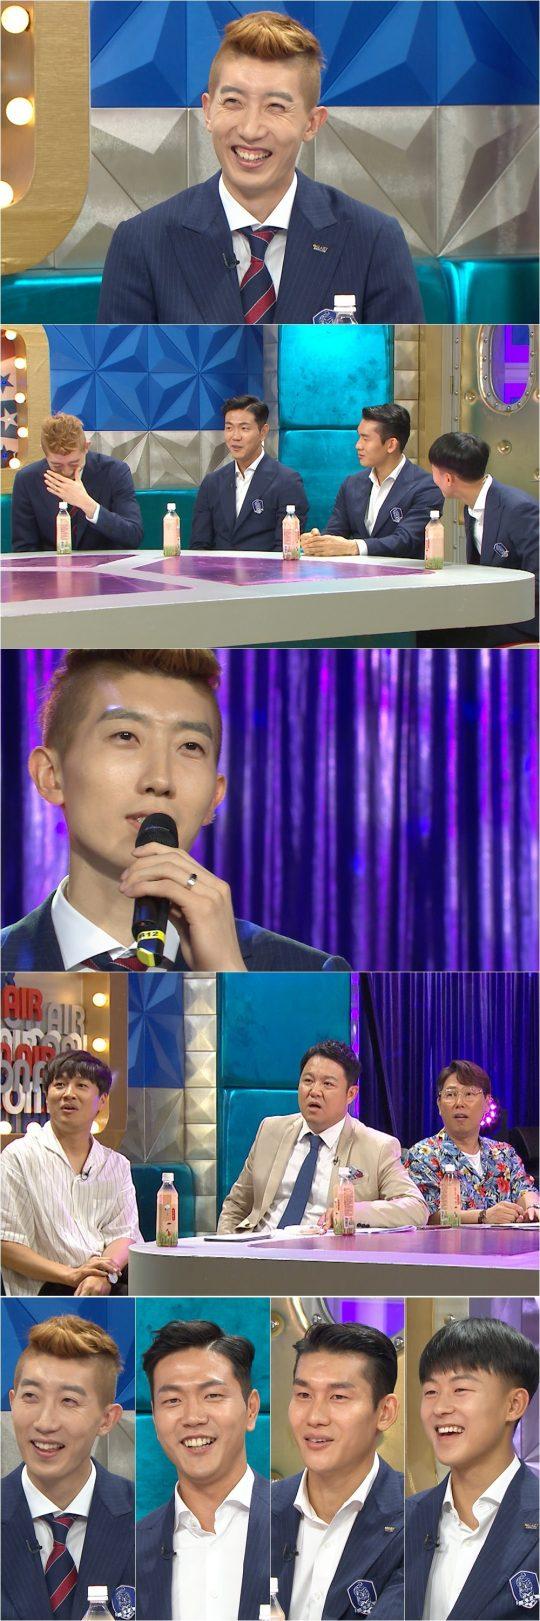 '라디오스타' 조현우·김영권·이용·이승우 출연…시청률 8.2%로 '껑충'